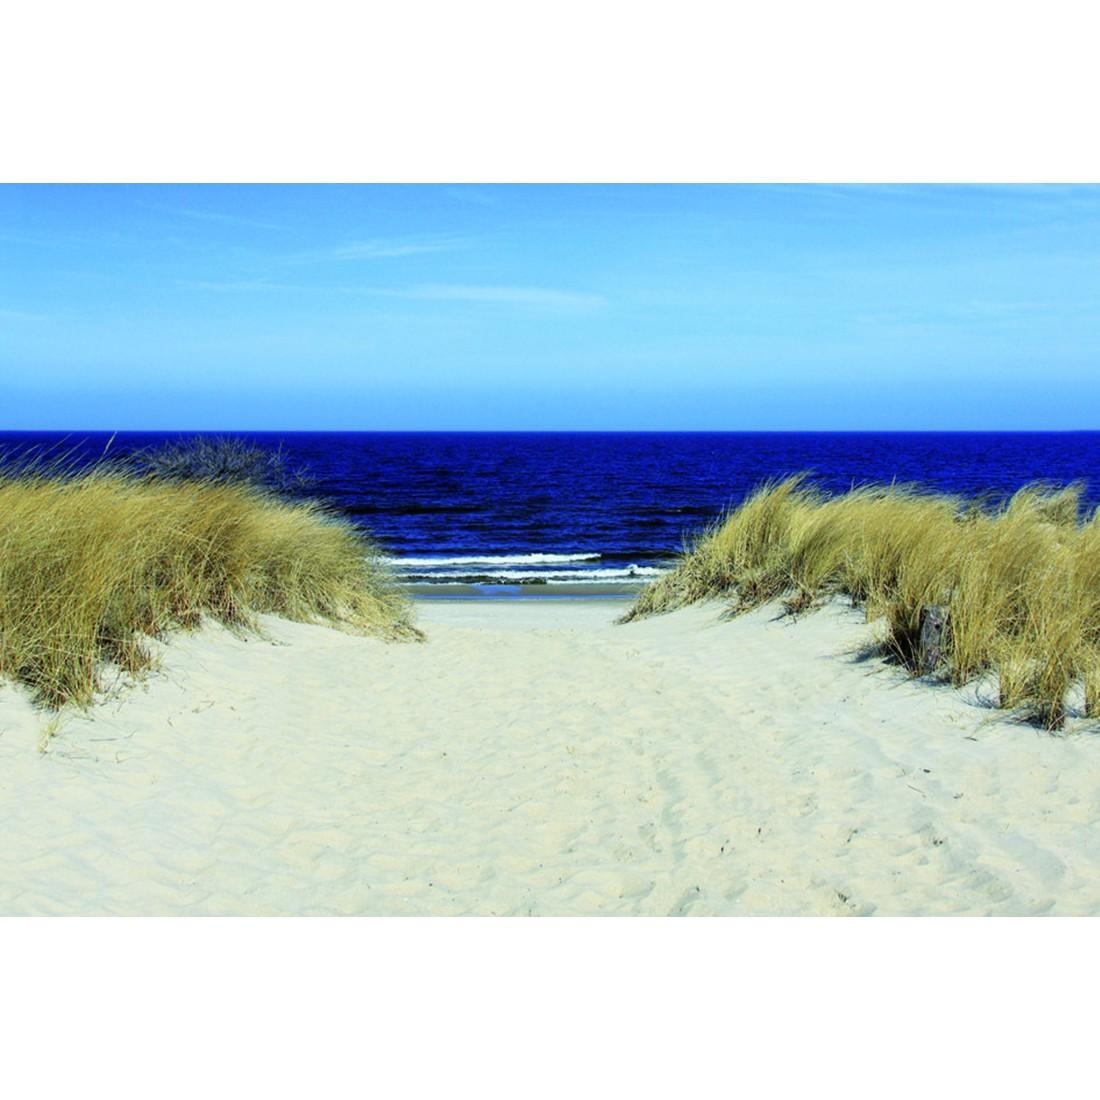 Leinwandbild Ostsee Traum – Höhe: 60 cm Breit: 90 cm, Bönninghoff günstig online kaufen